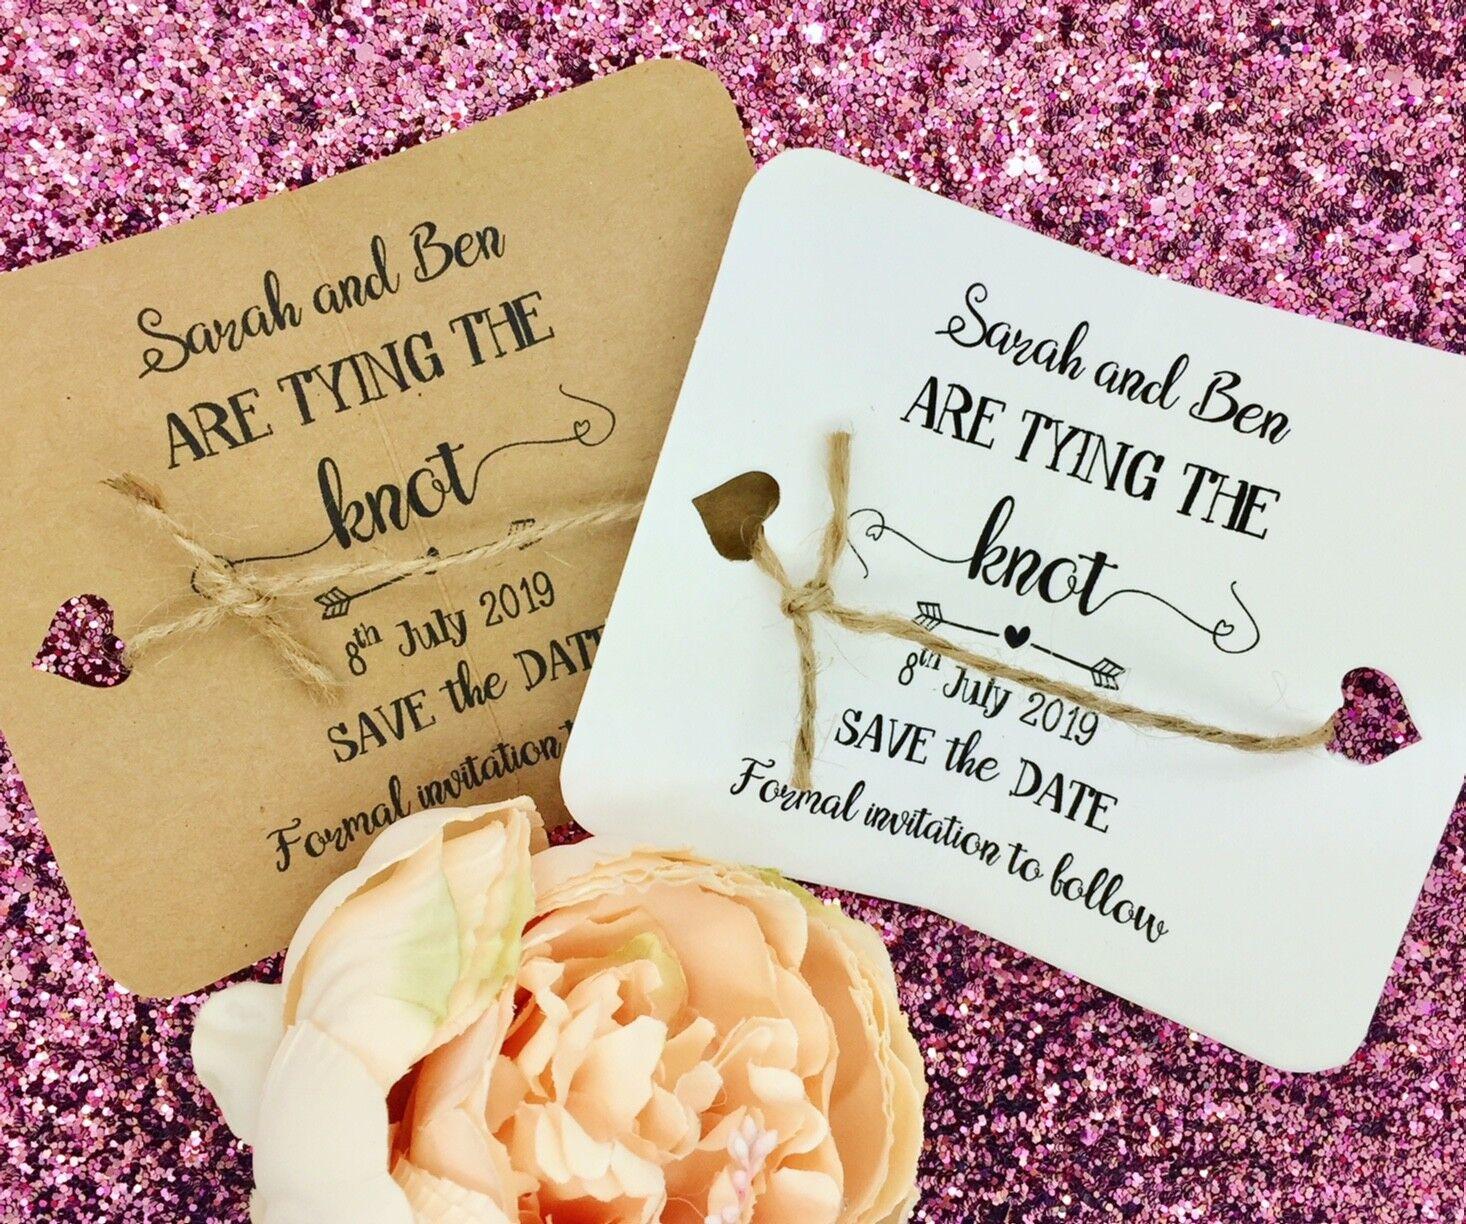 Atar el nudo Save The Date noche Tarjeta Invitación de boda con un sobre